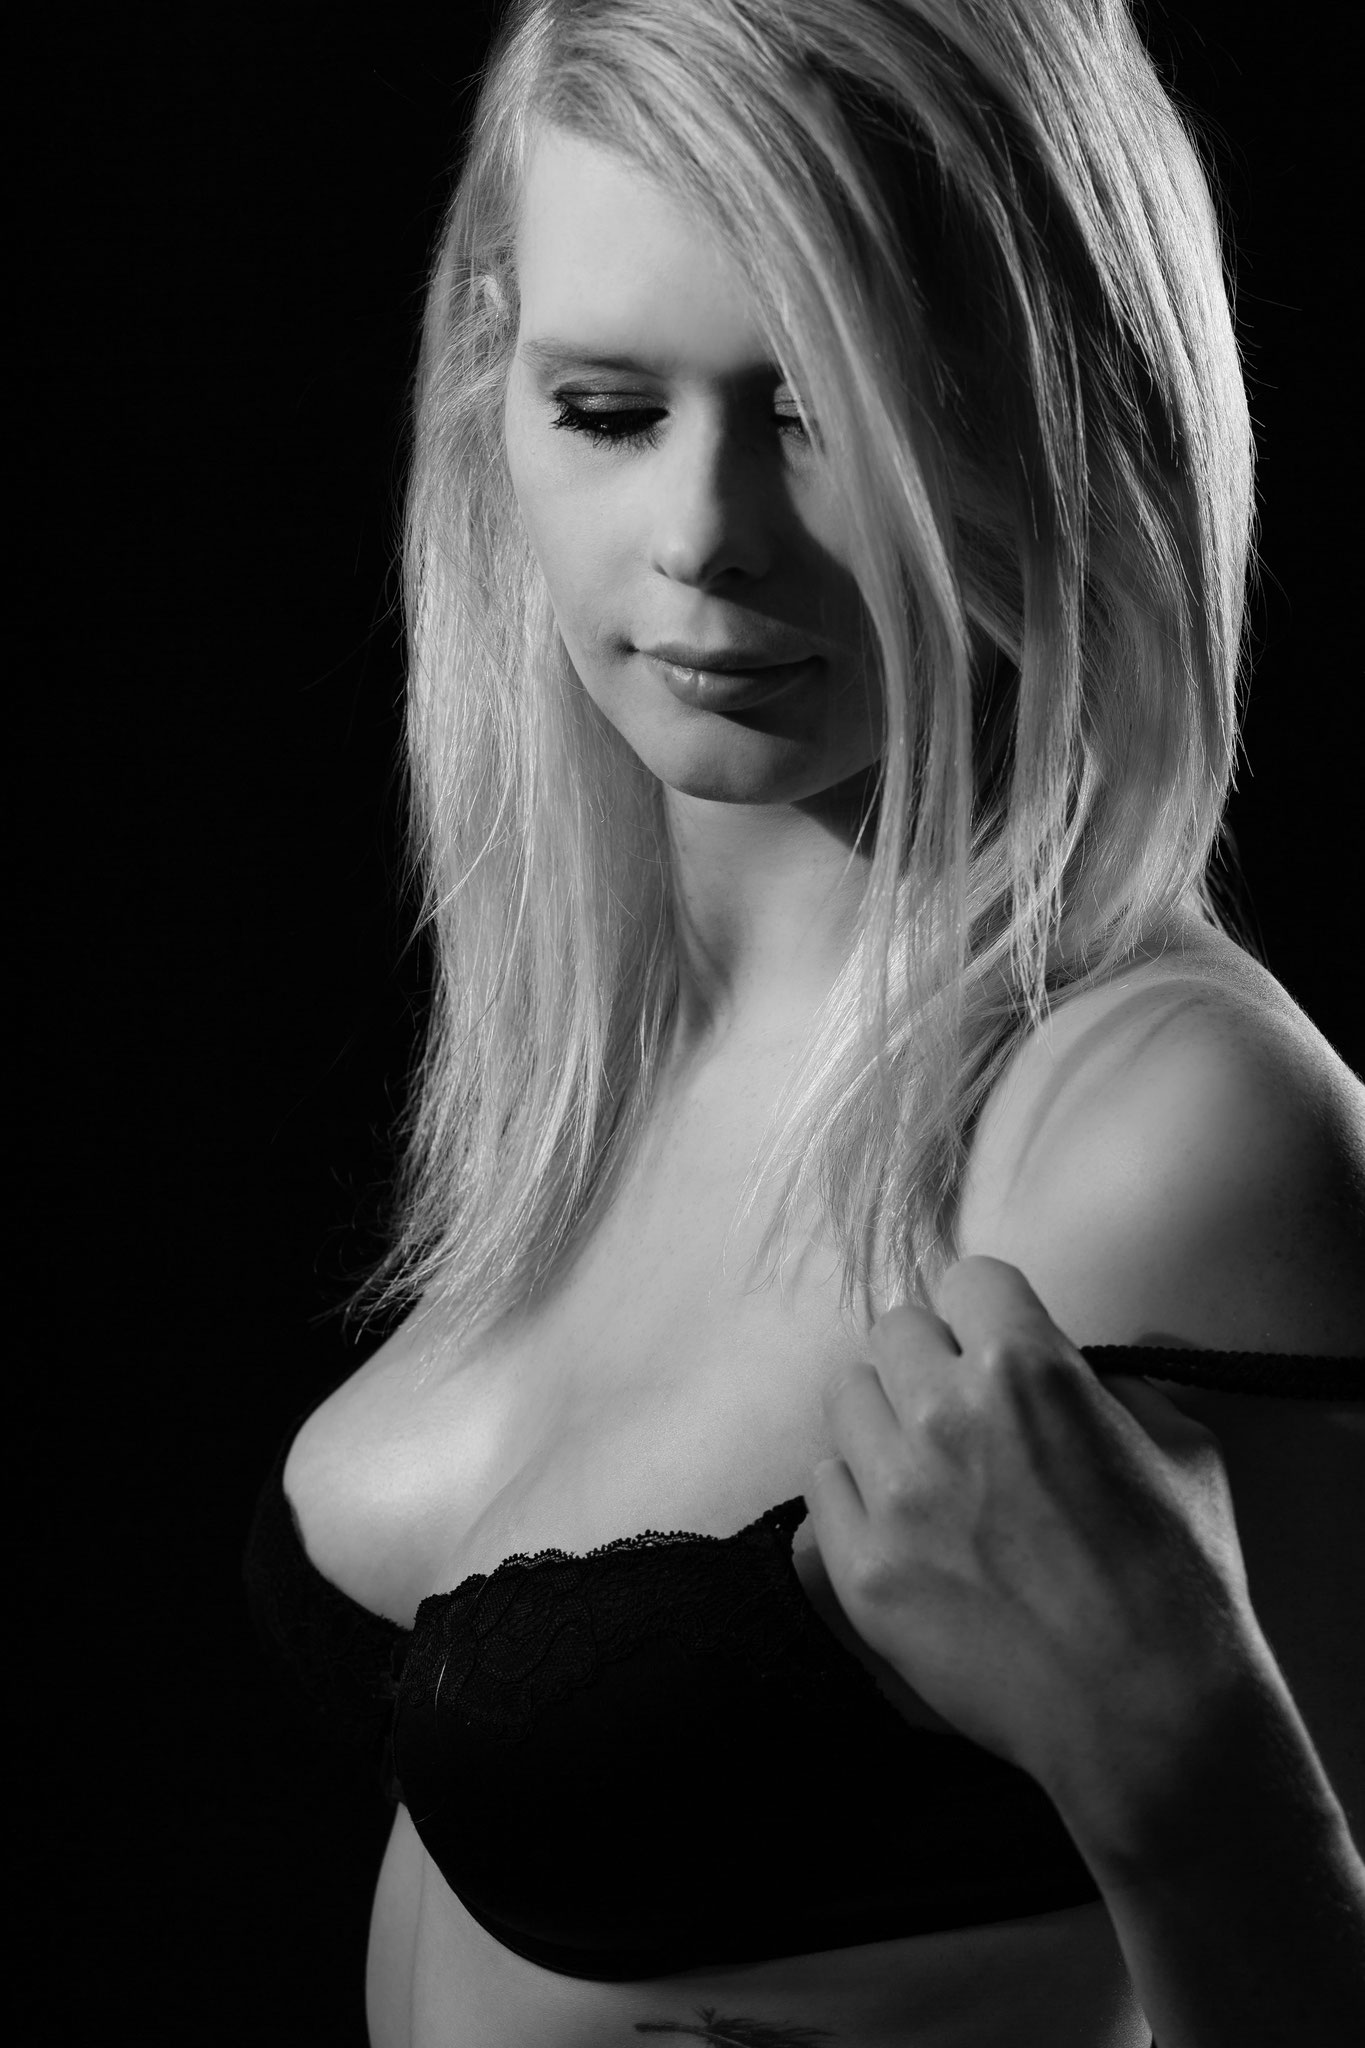 Erotisches Unterwäsche Shooting im Studio als Geschenk für den Freund - Dessous Fotogafie